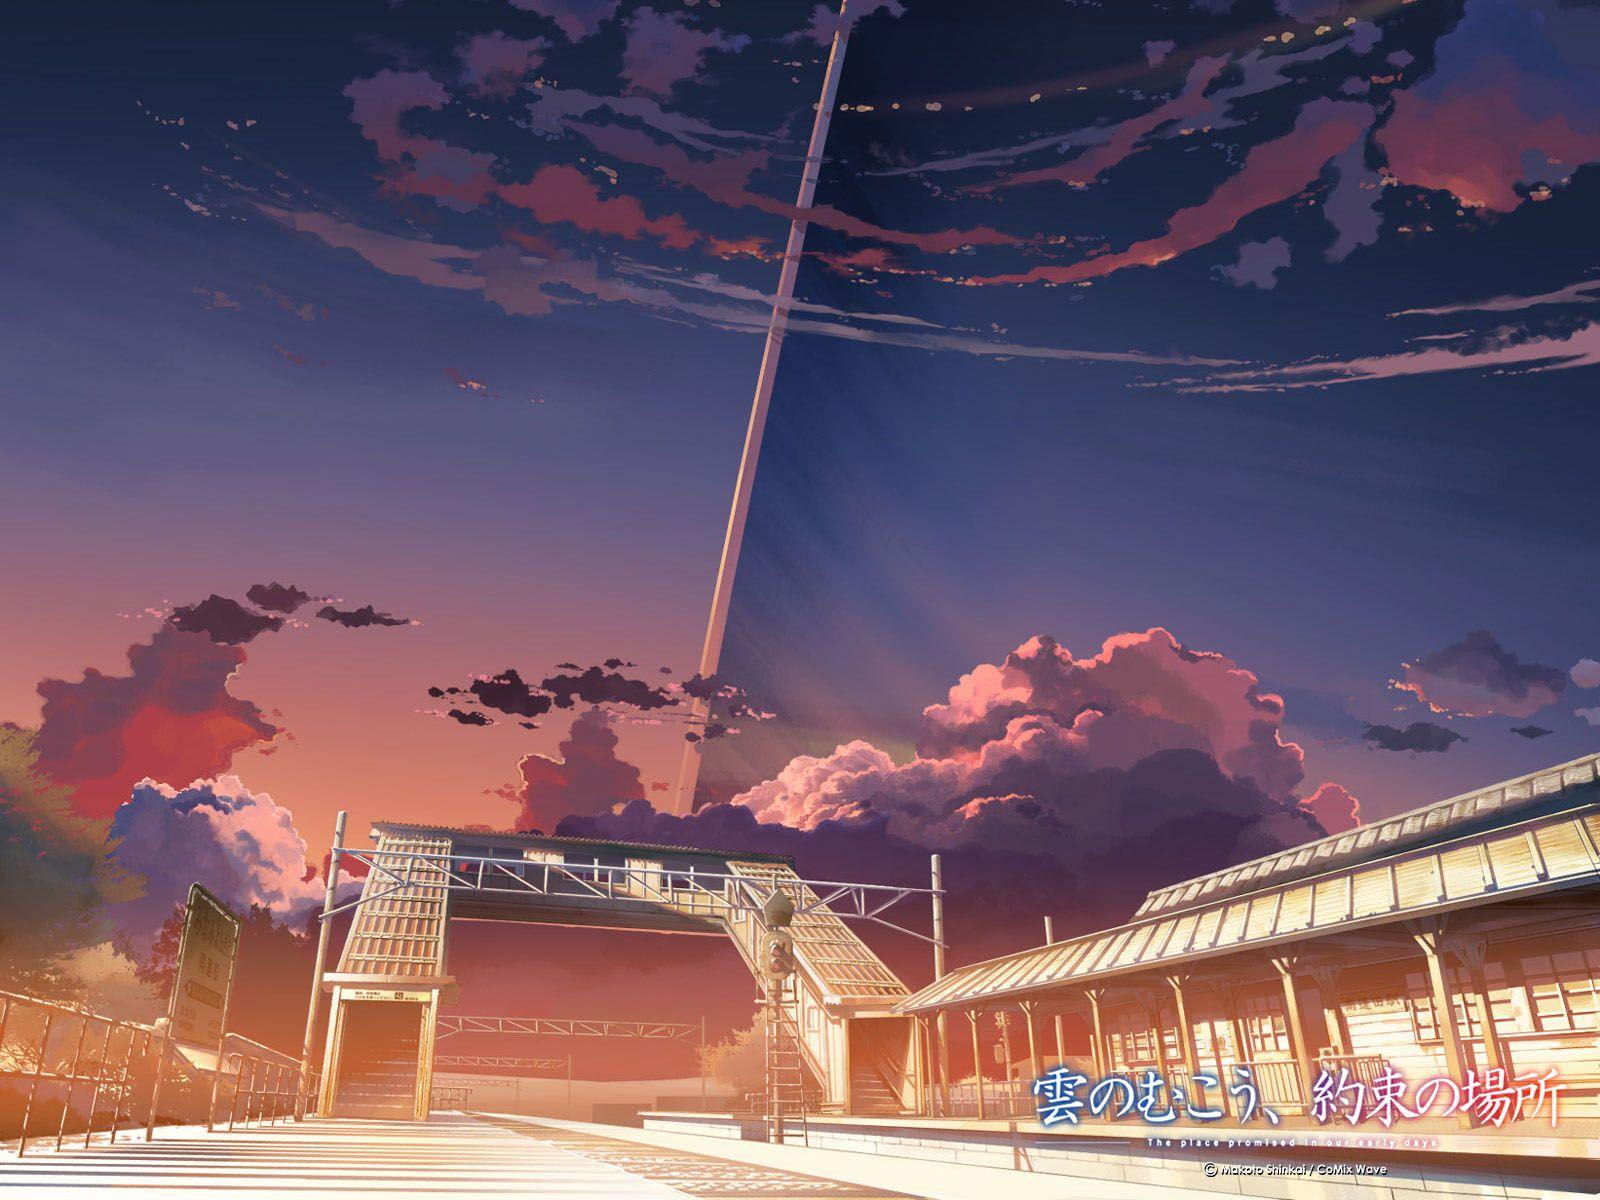 新海誠 壁紙 Google 検索 新海 風景 アニメの風景